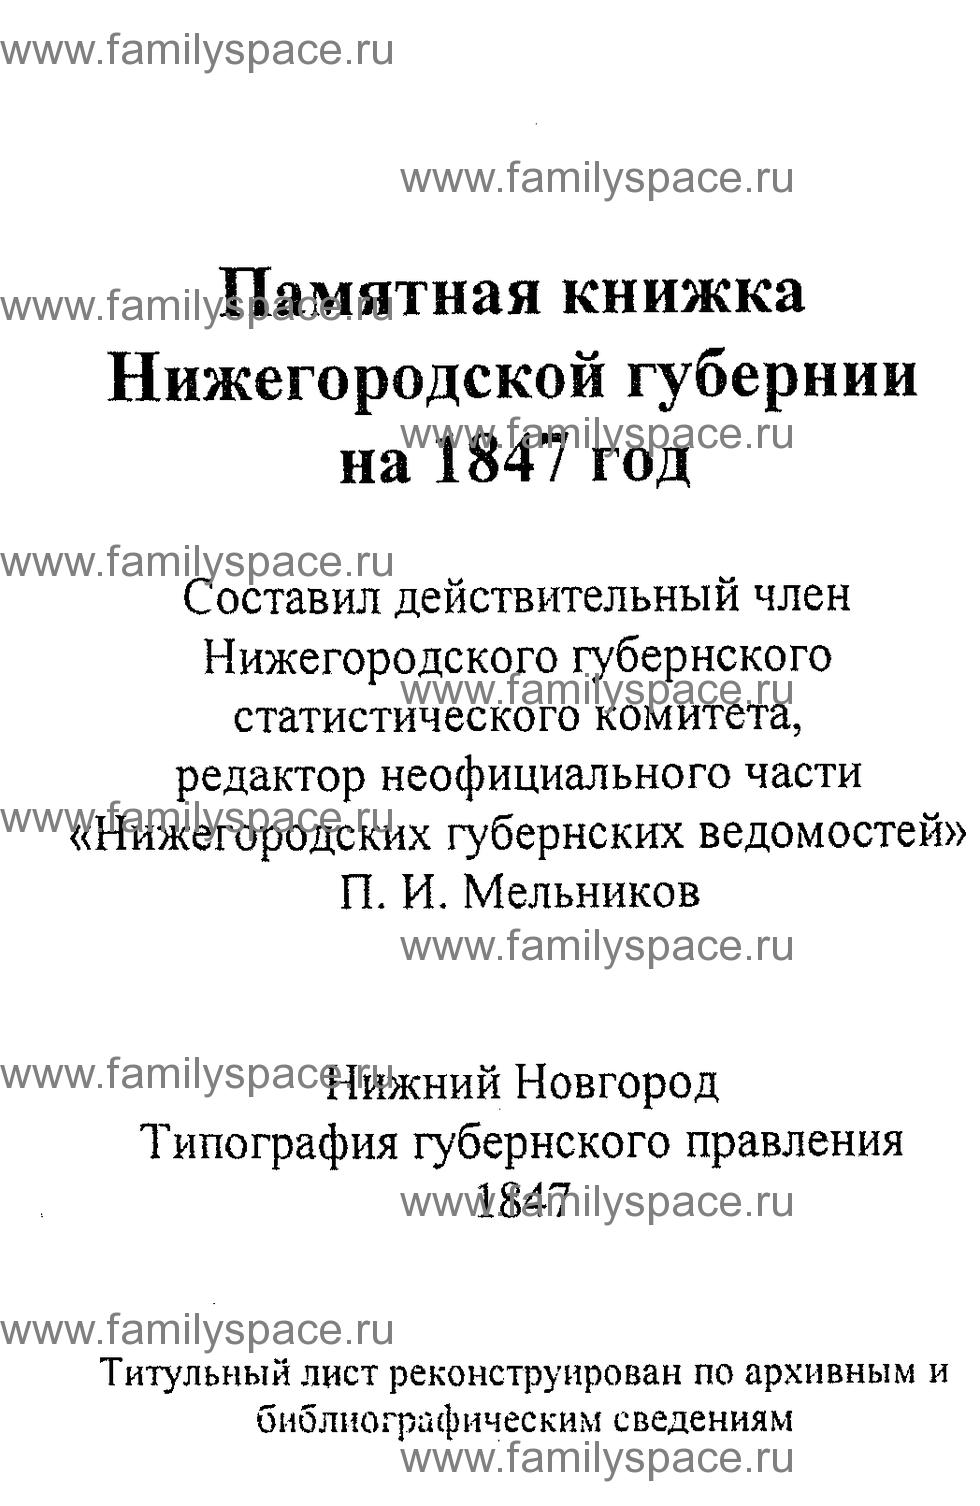 Поиск по фамилии - Памятная книжка Нижегородской губернии 1847 г., страница 1